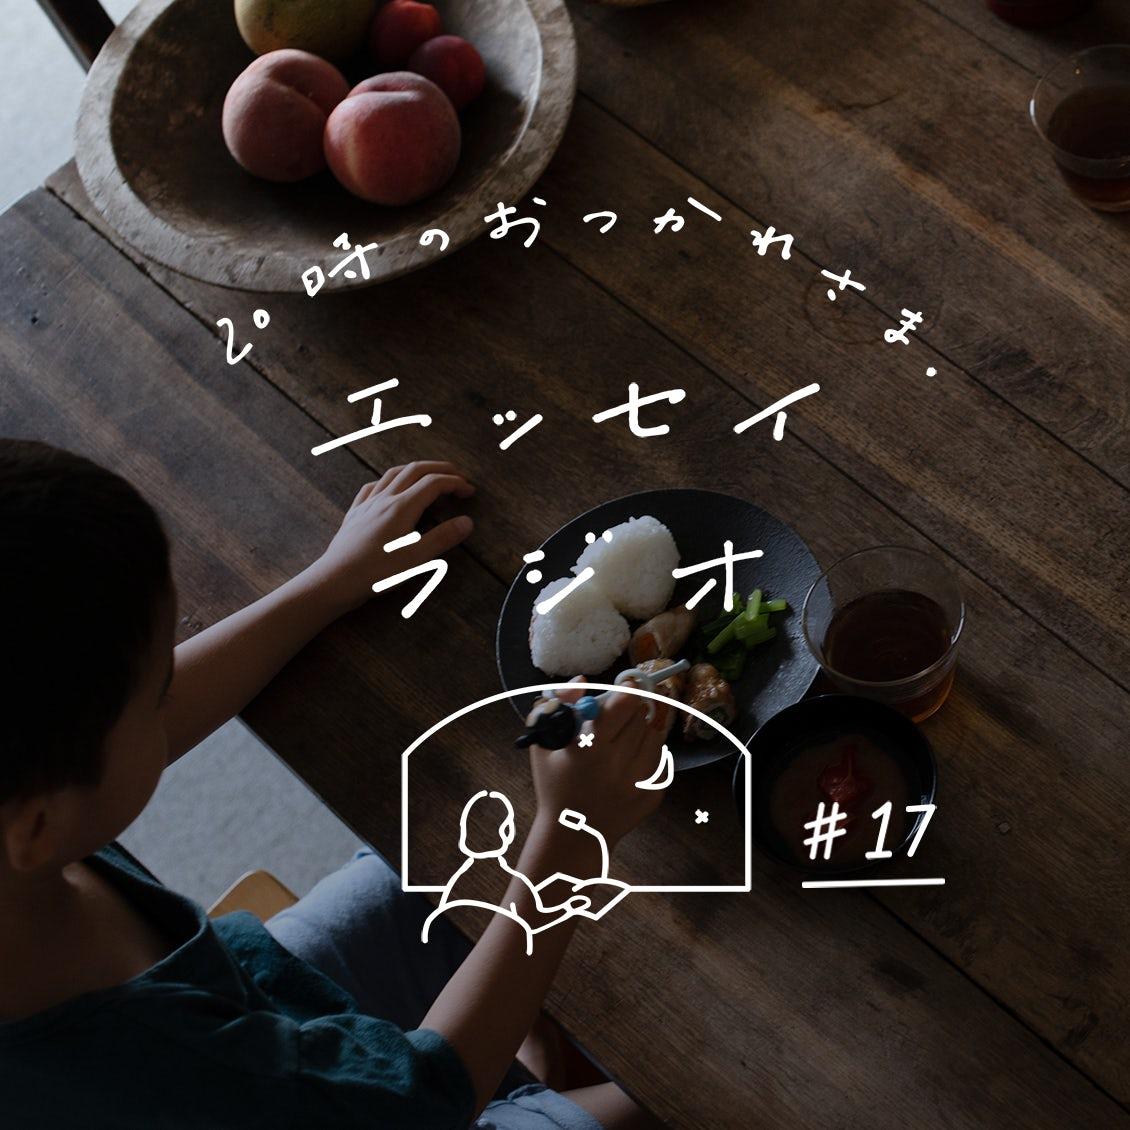 【エッセイラジオ】第17夜:馬場わかなさんのエッセイ「店」(読み手:スタッフ寿山)